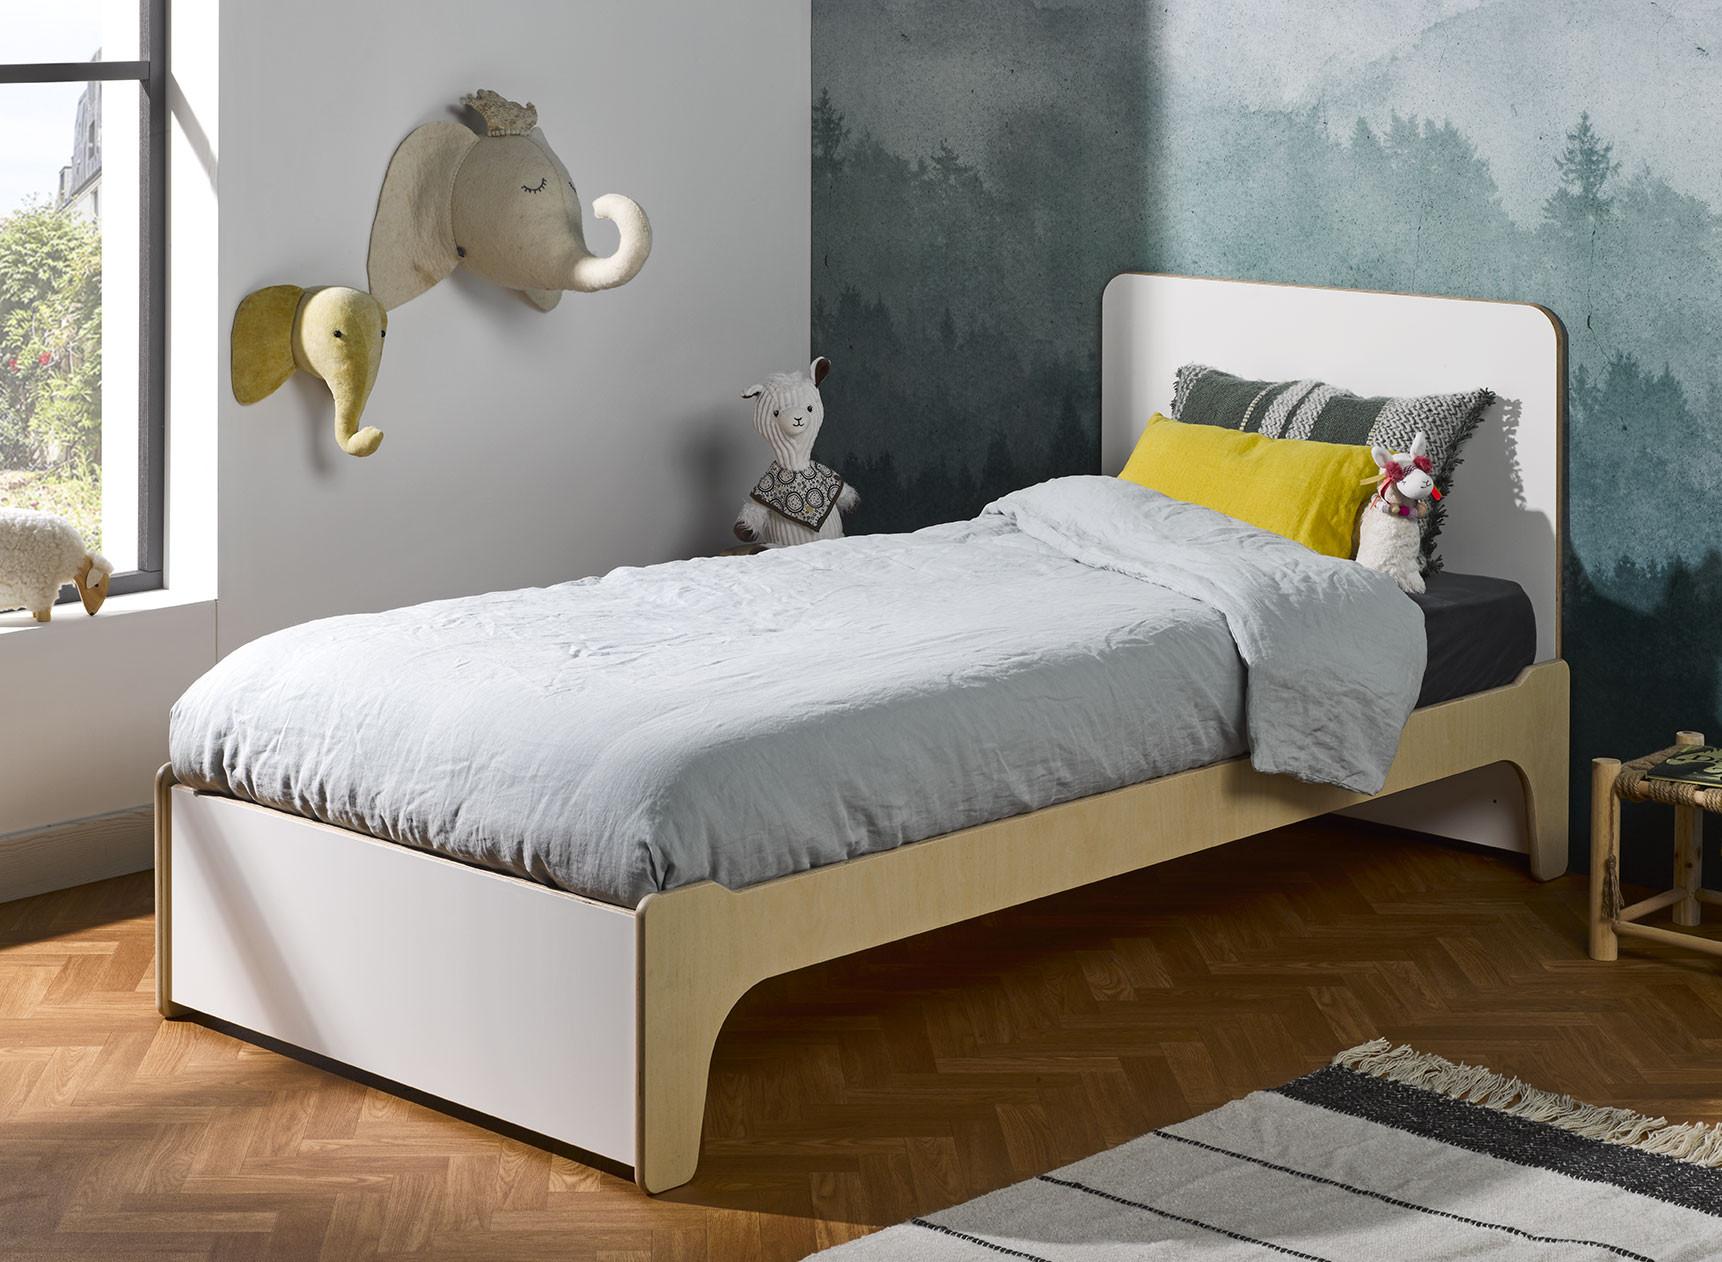 Lit enfant 90x190 avec tête de lit KALIX Nateo Concept - 1